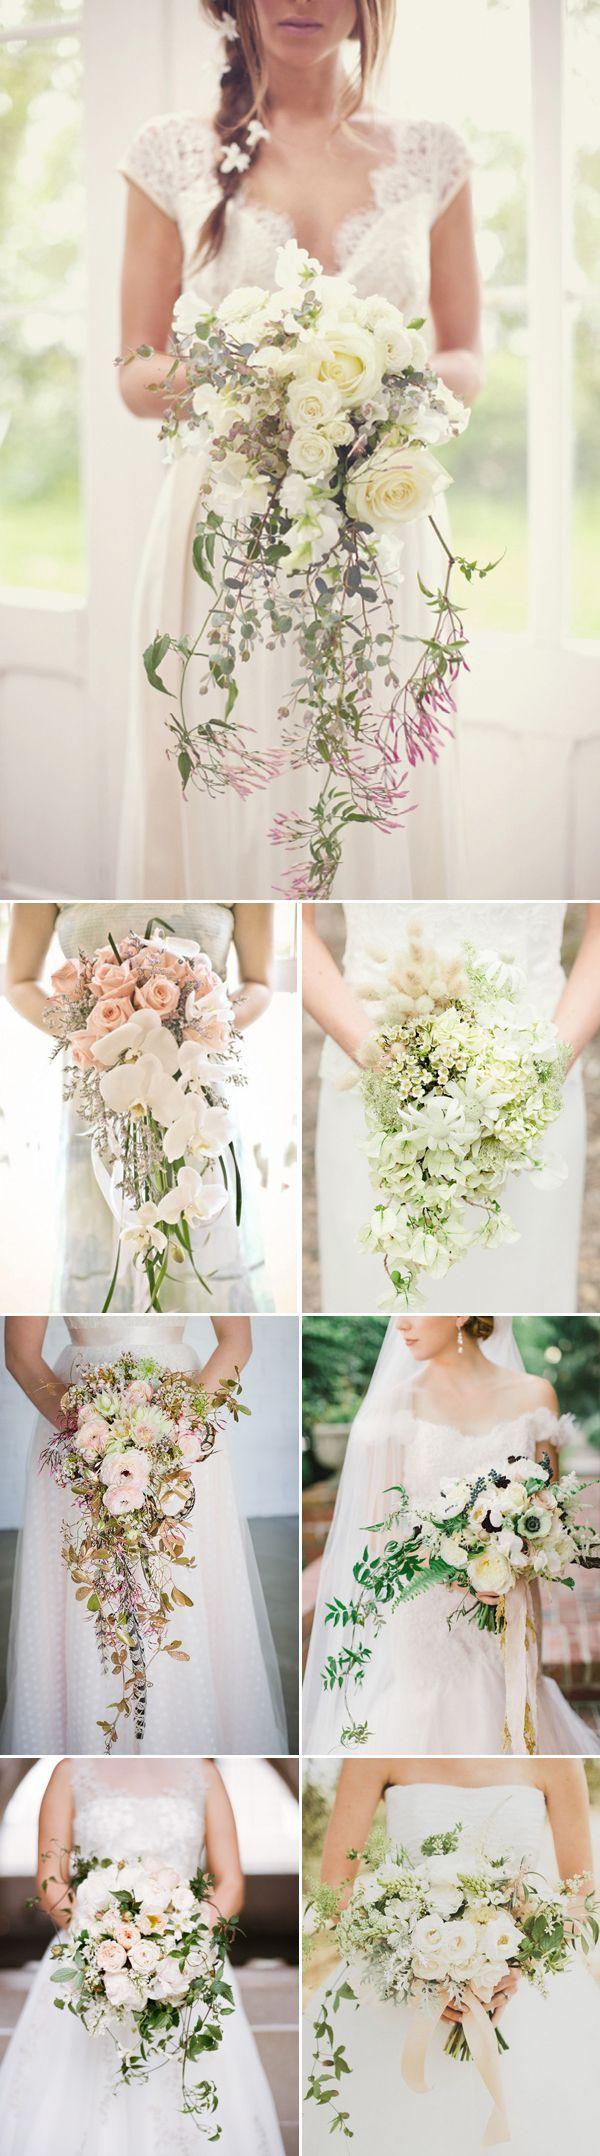 #Romantic #Bouquets